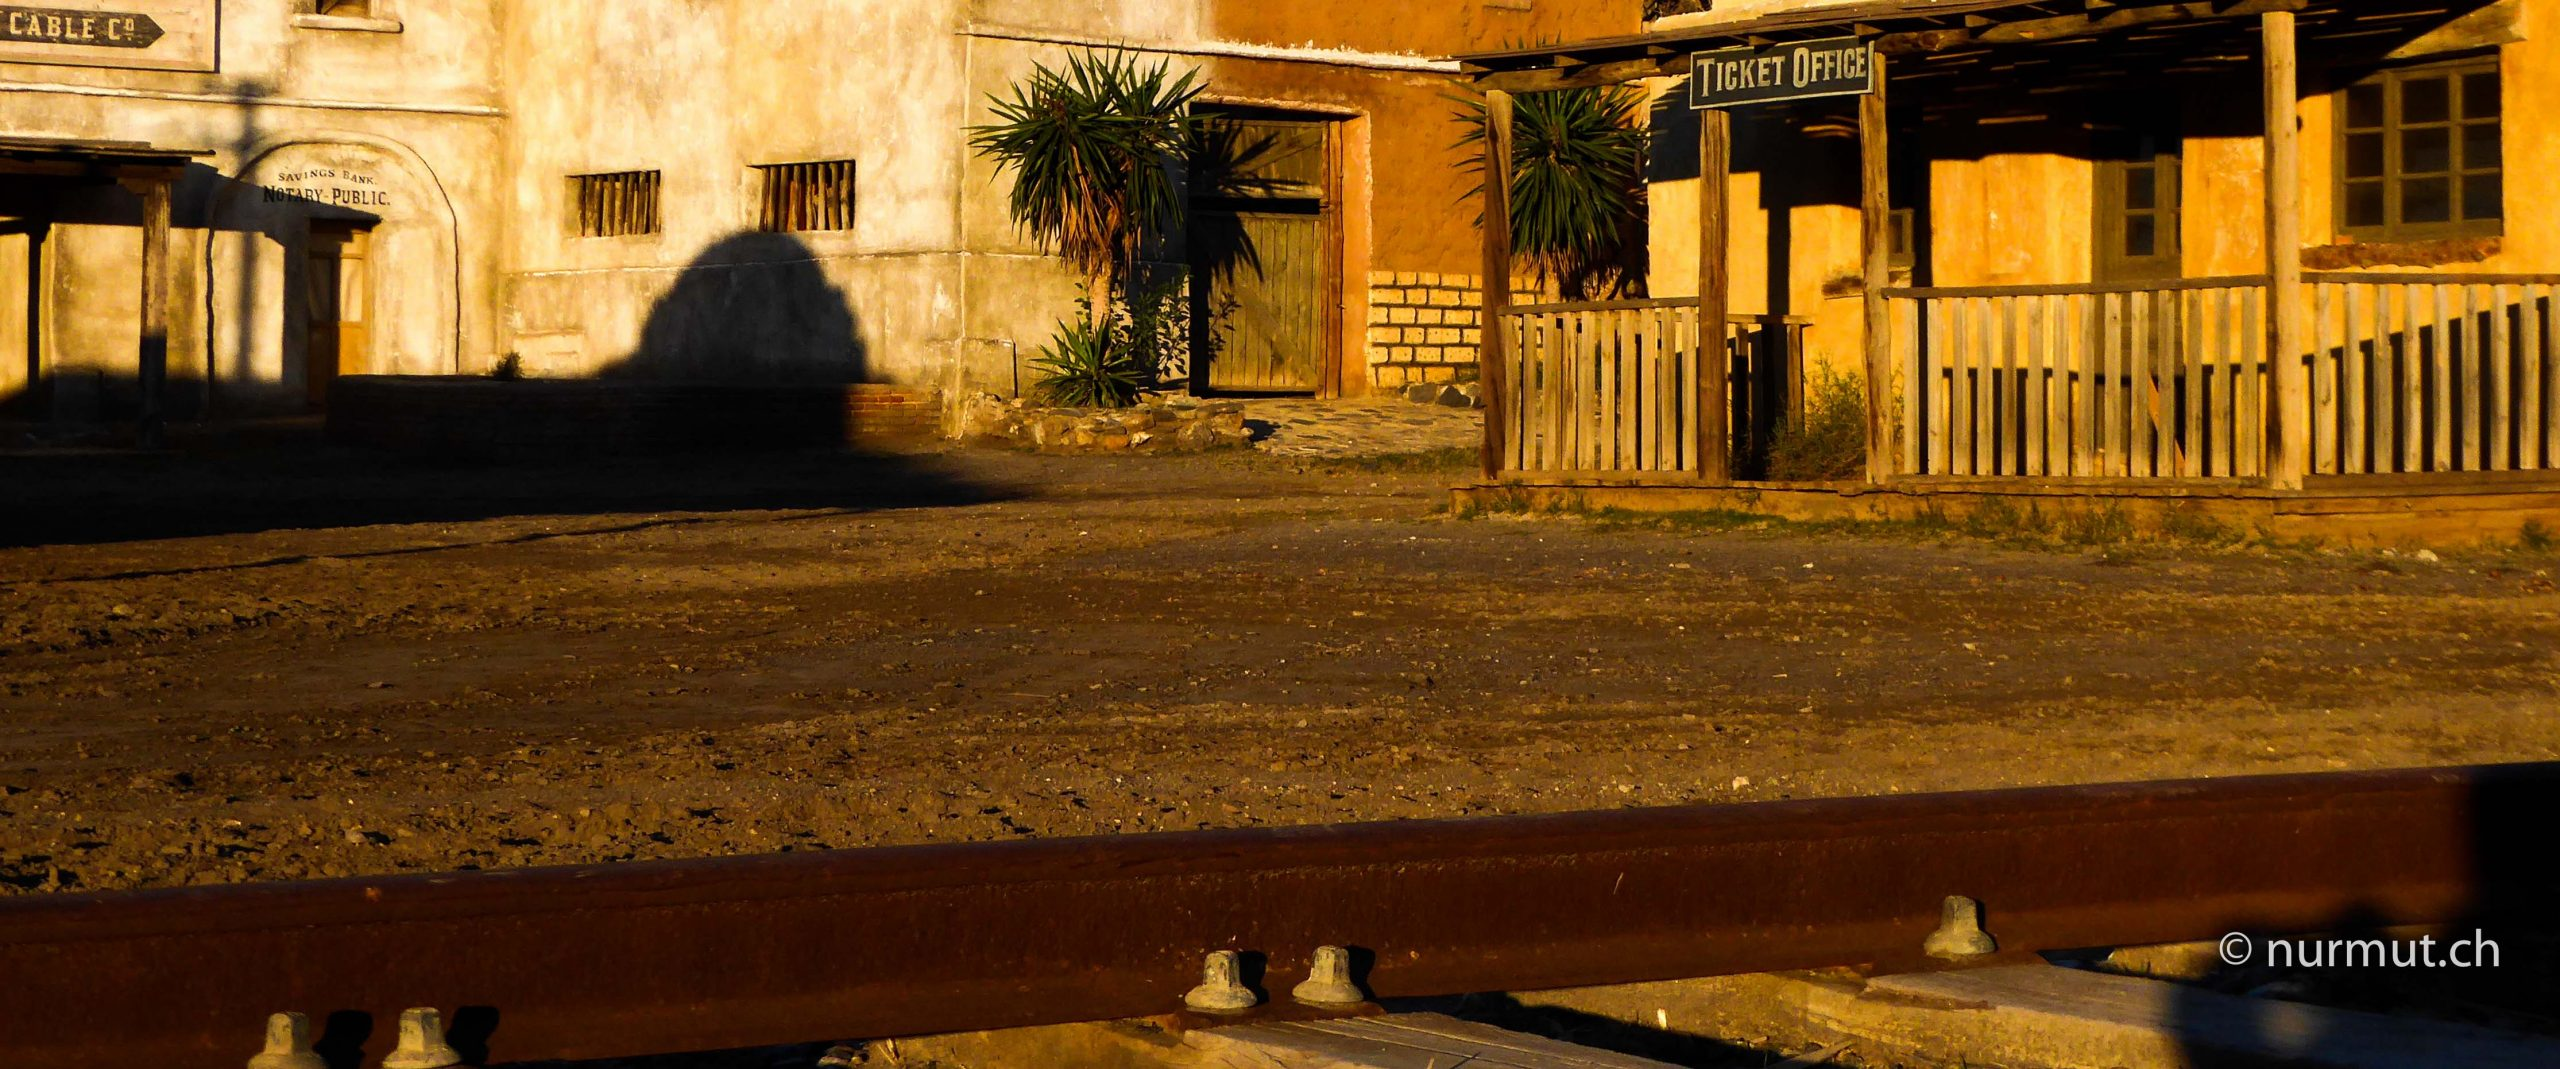 das-unbekannte-spanien-texas-hollywood-wüste-tabernas